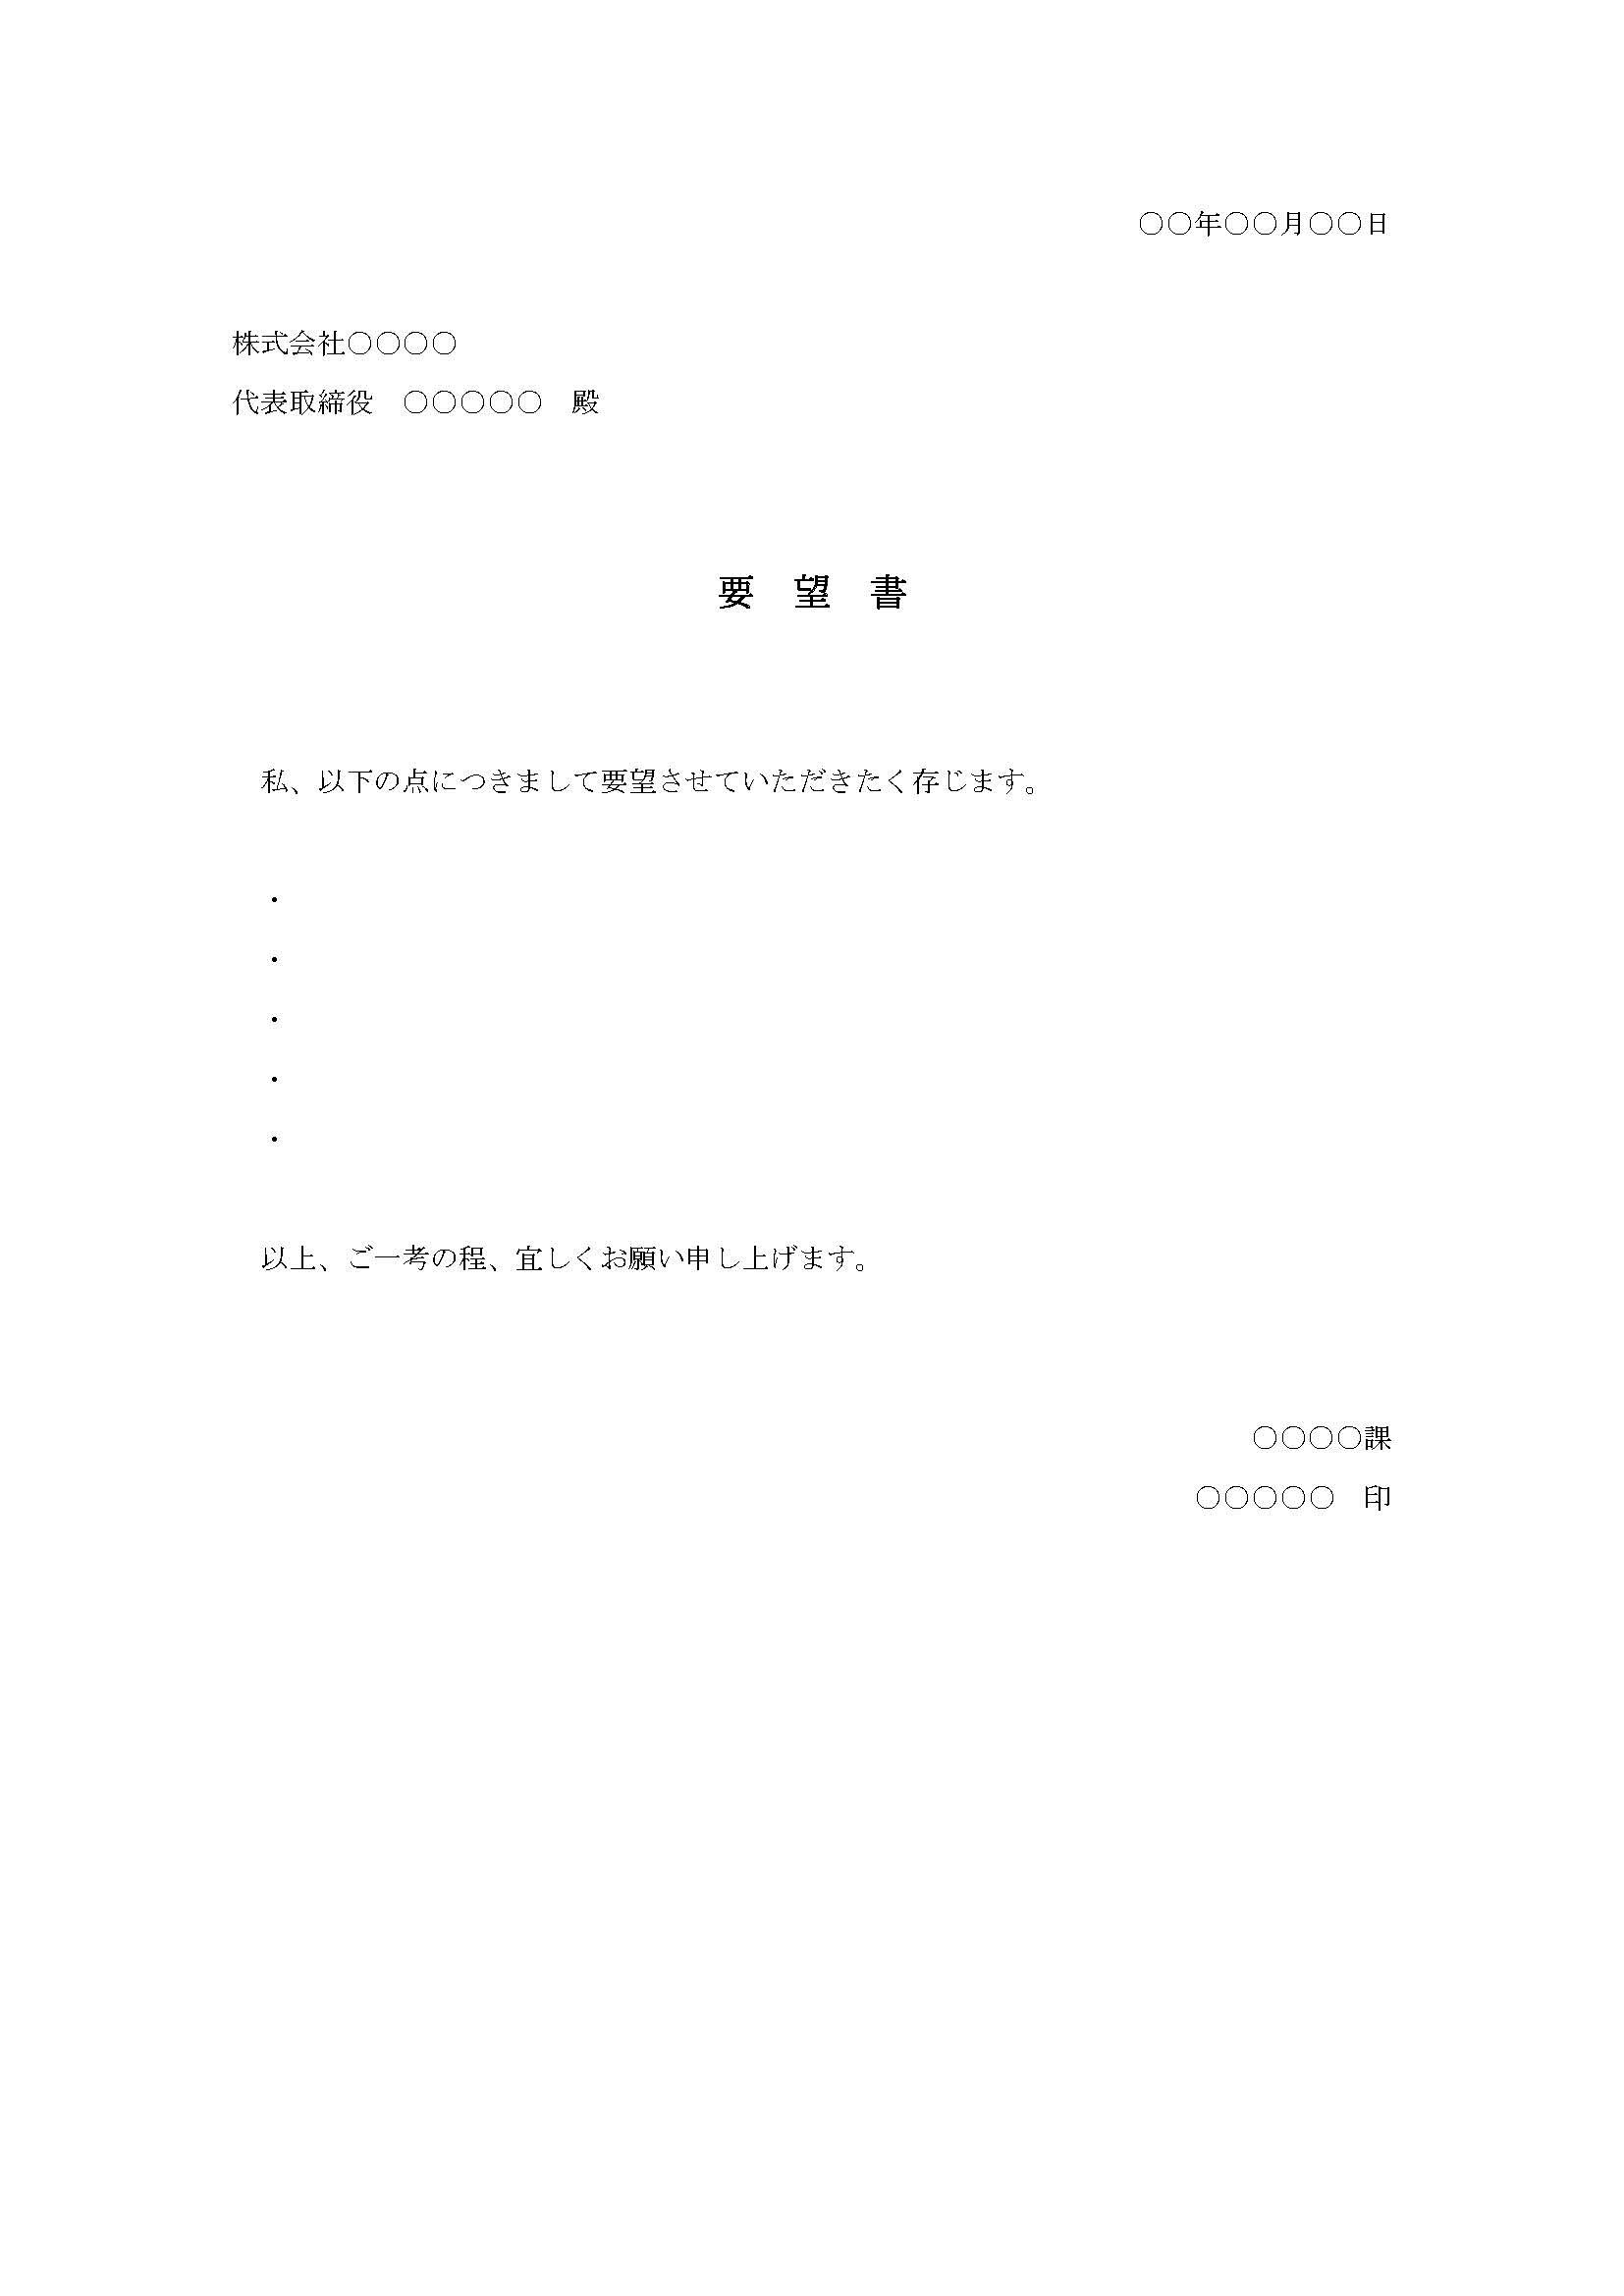 要望書02